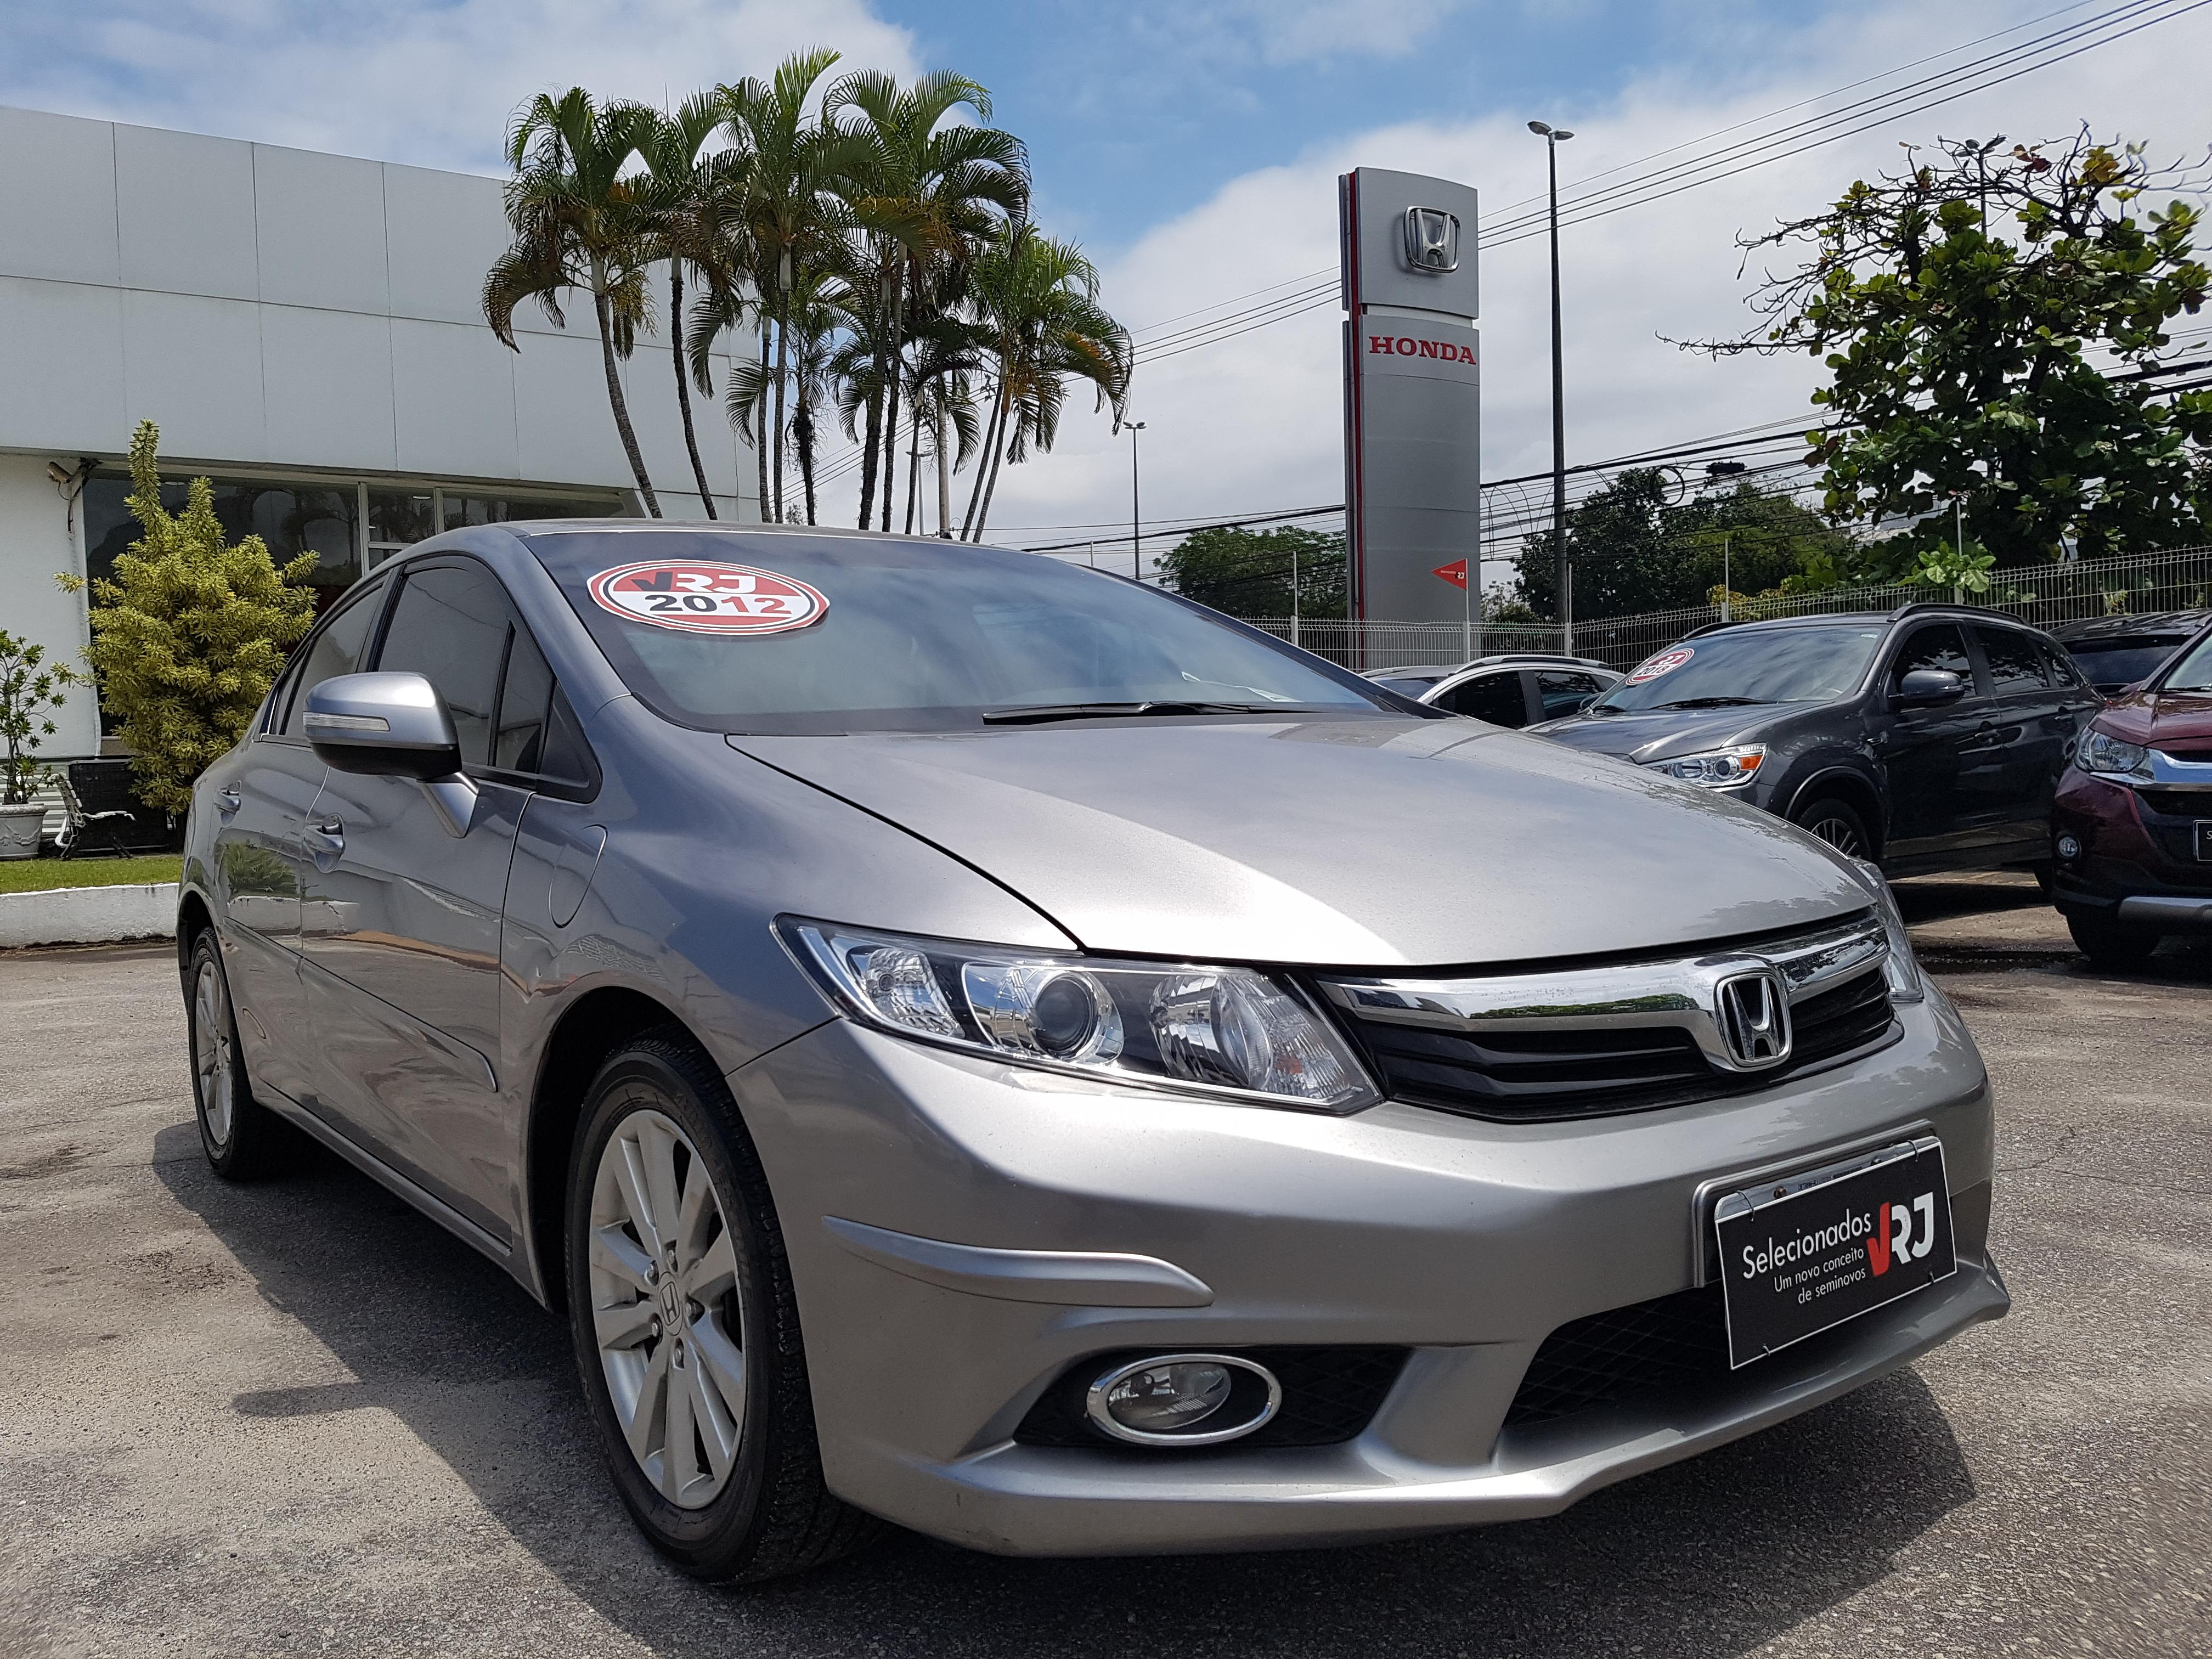 Honda CIVIC Civic Sed. LXL/LXL SE 1.8 Flex 16V Mec.